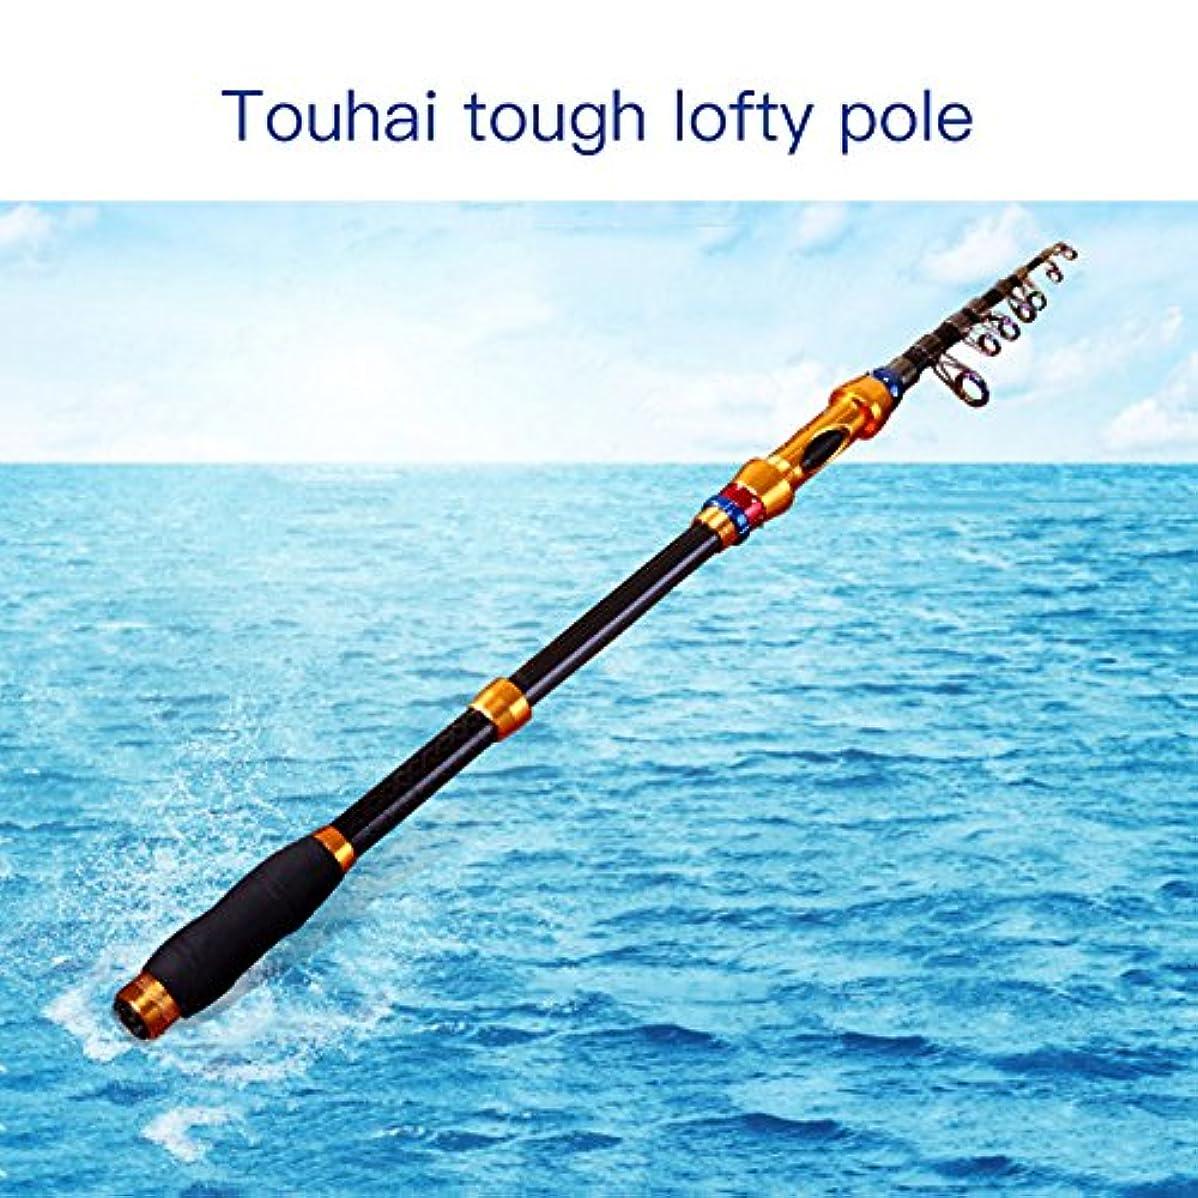 取るに足らない添加物質FYINN 釣り竿 伸縮自在 釣り竿 格納式 釣り竿 海水 旅行 スピニング 釣り竿